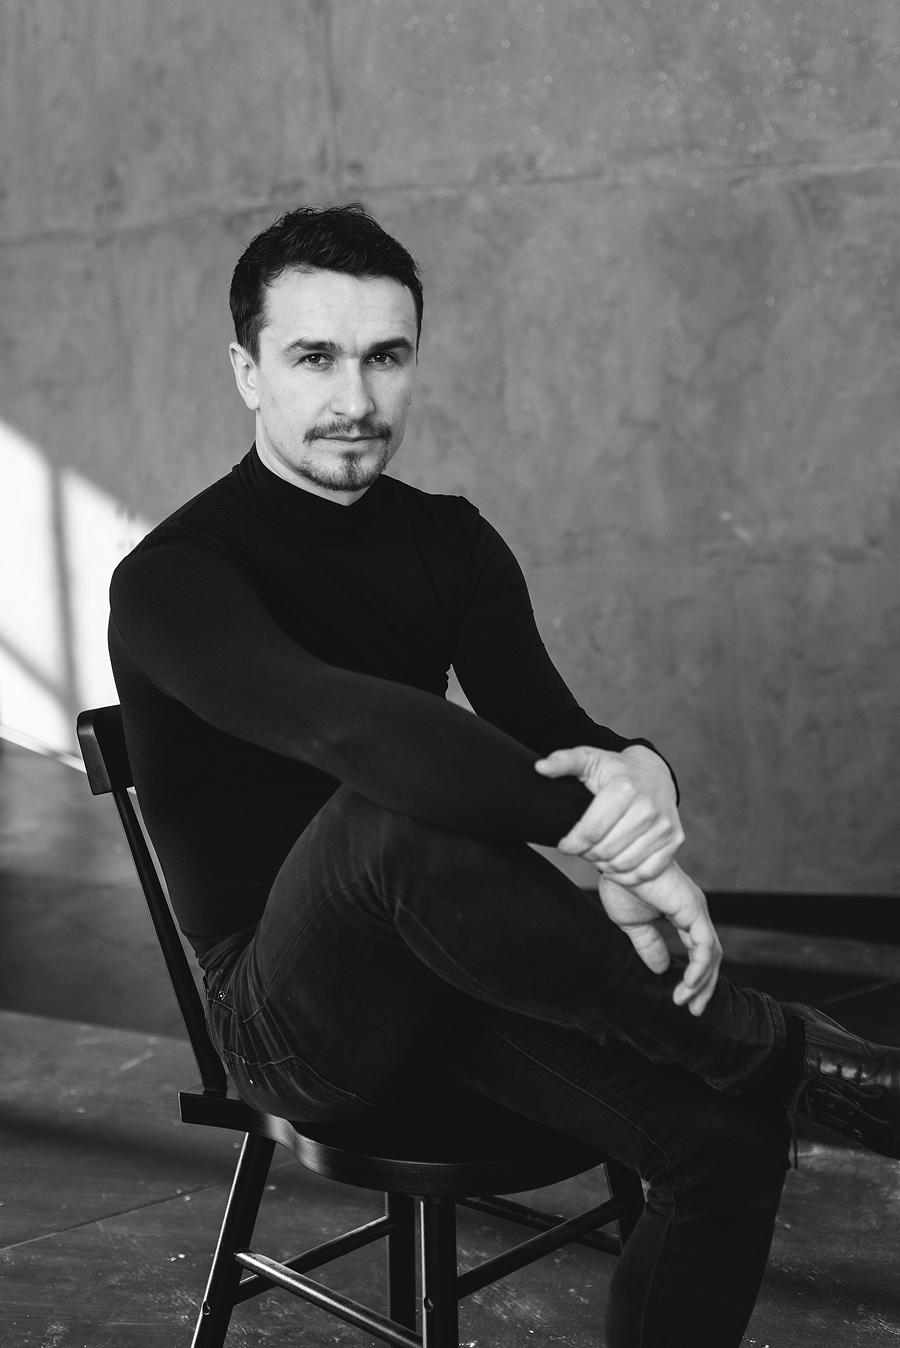 мужской чб портрет пермь